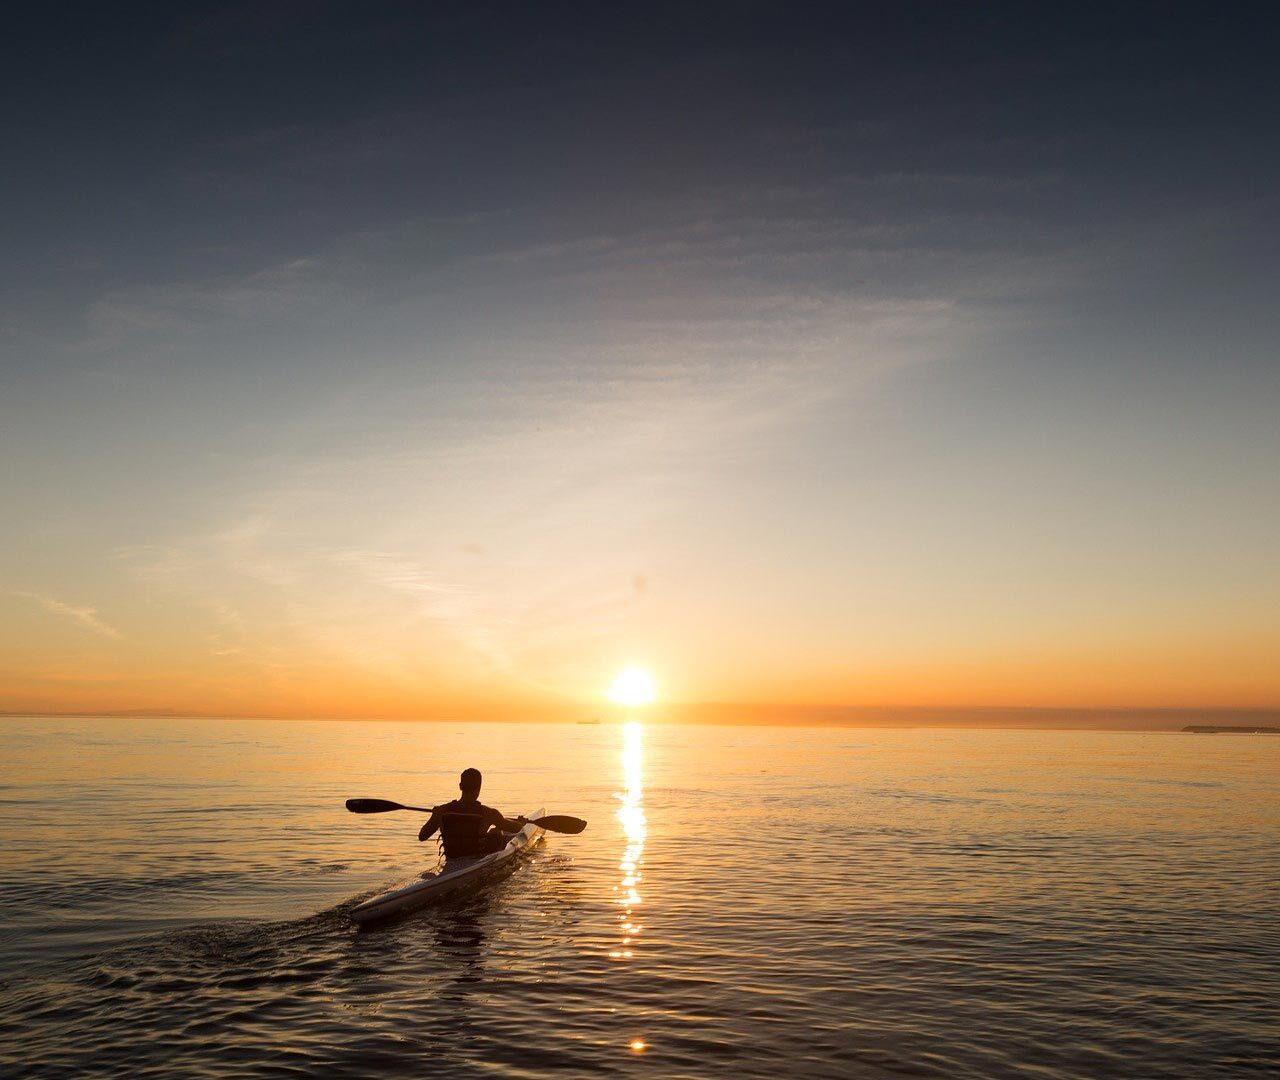 seaward-noleggio-kayak-monoposto